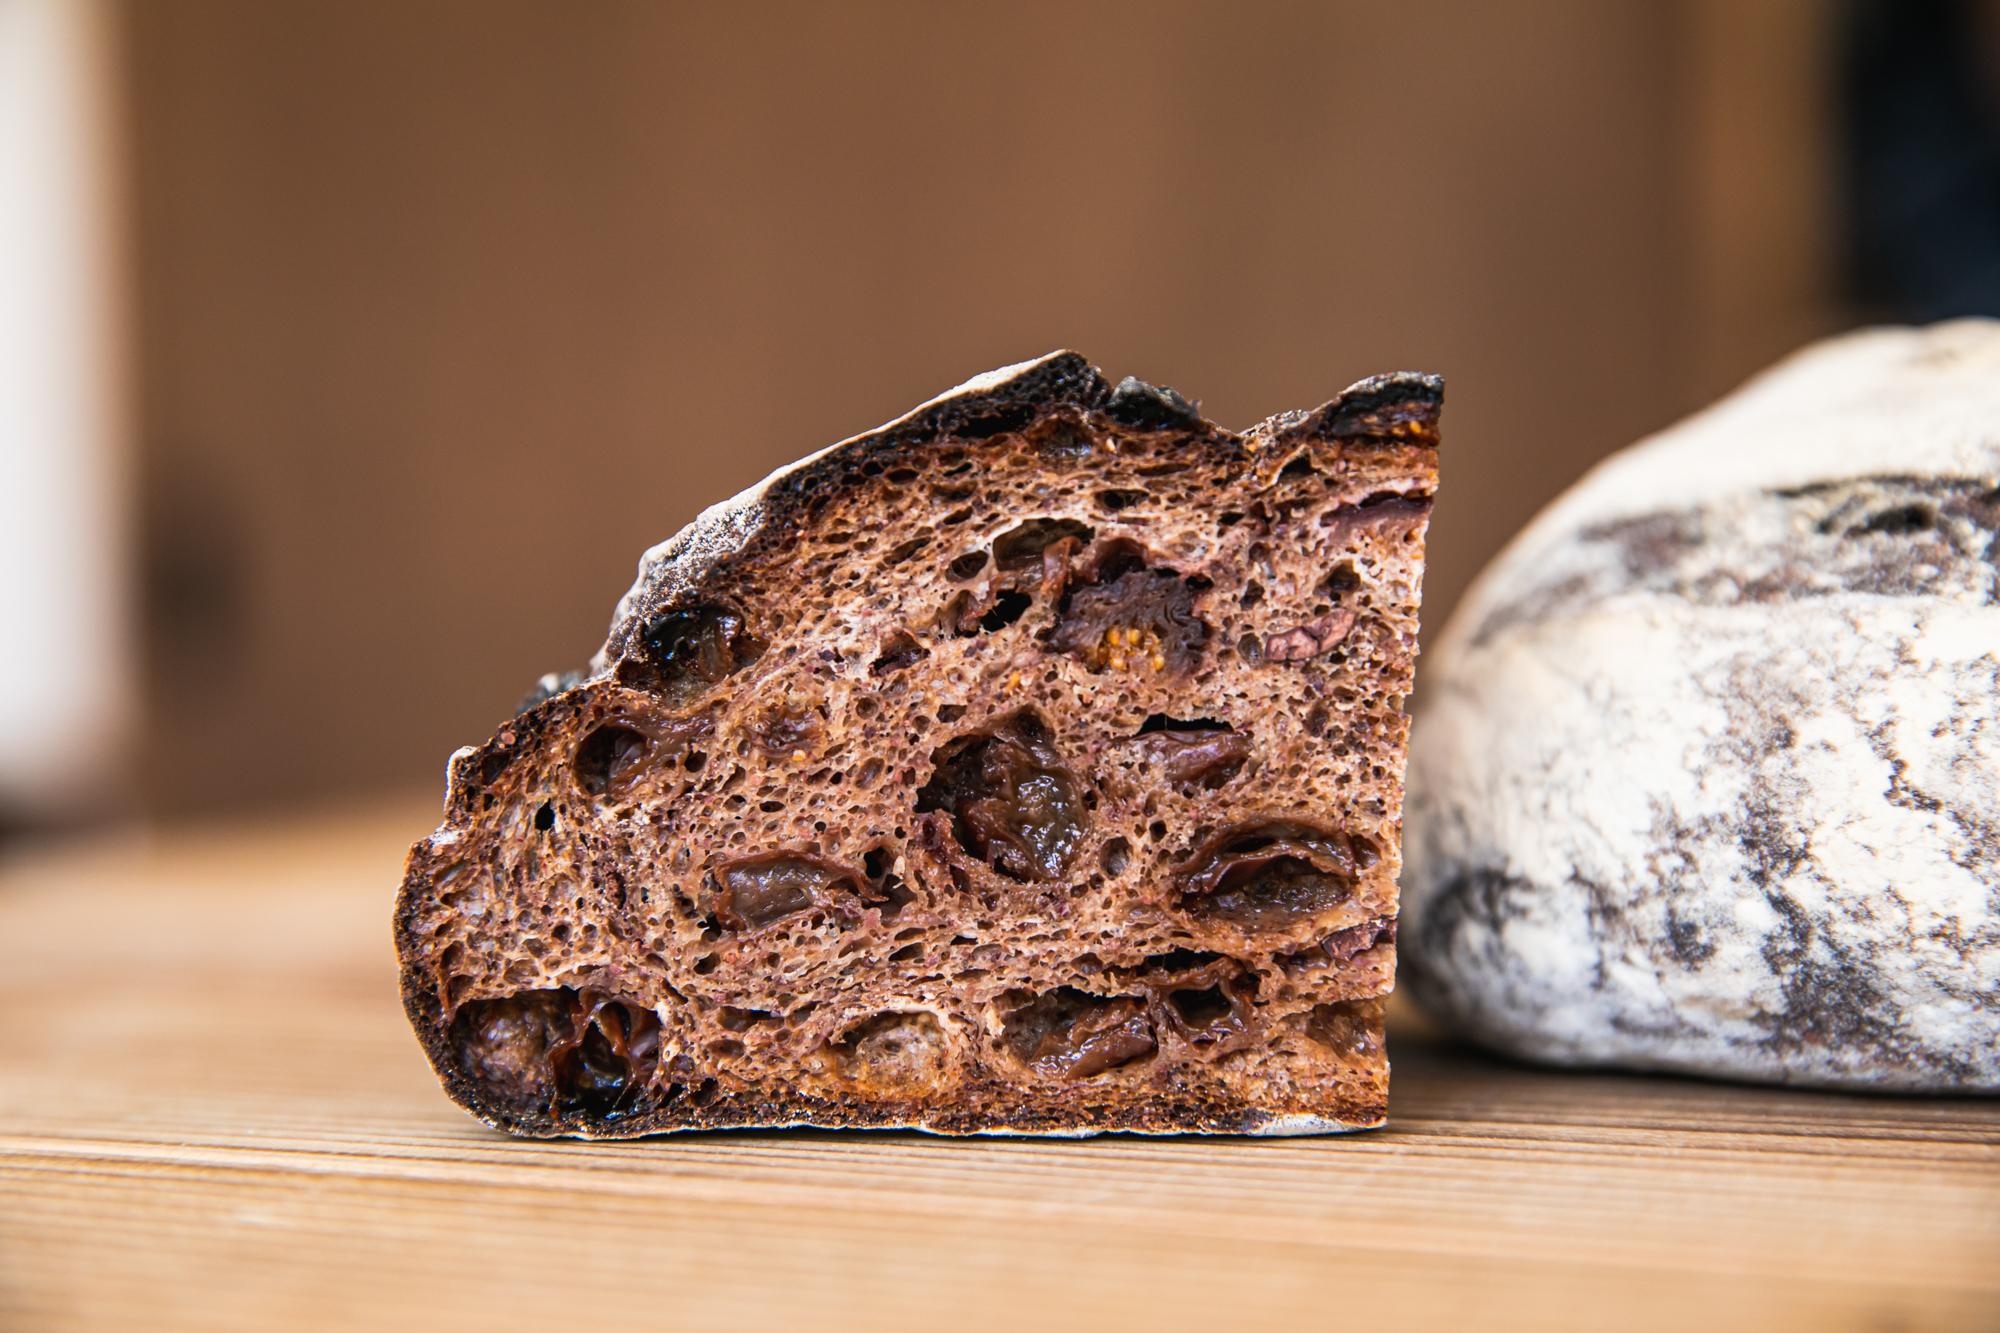 ストーリーを「まとう」パン Organic & Vegan Bakery matoi × カカオニブの可能性